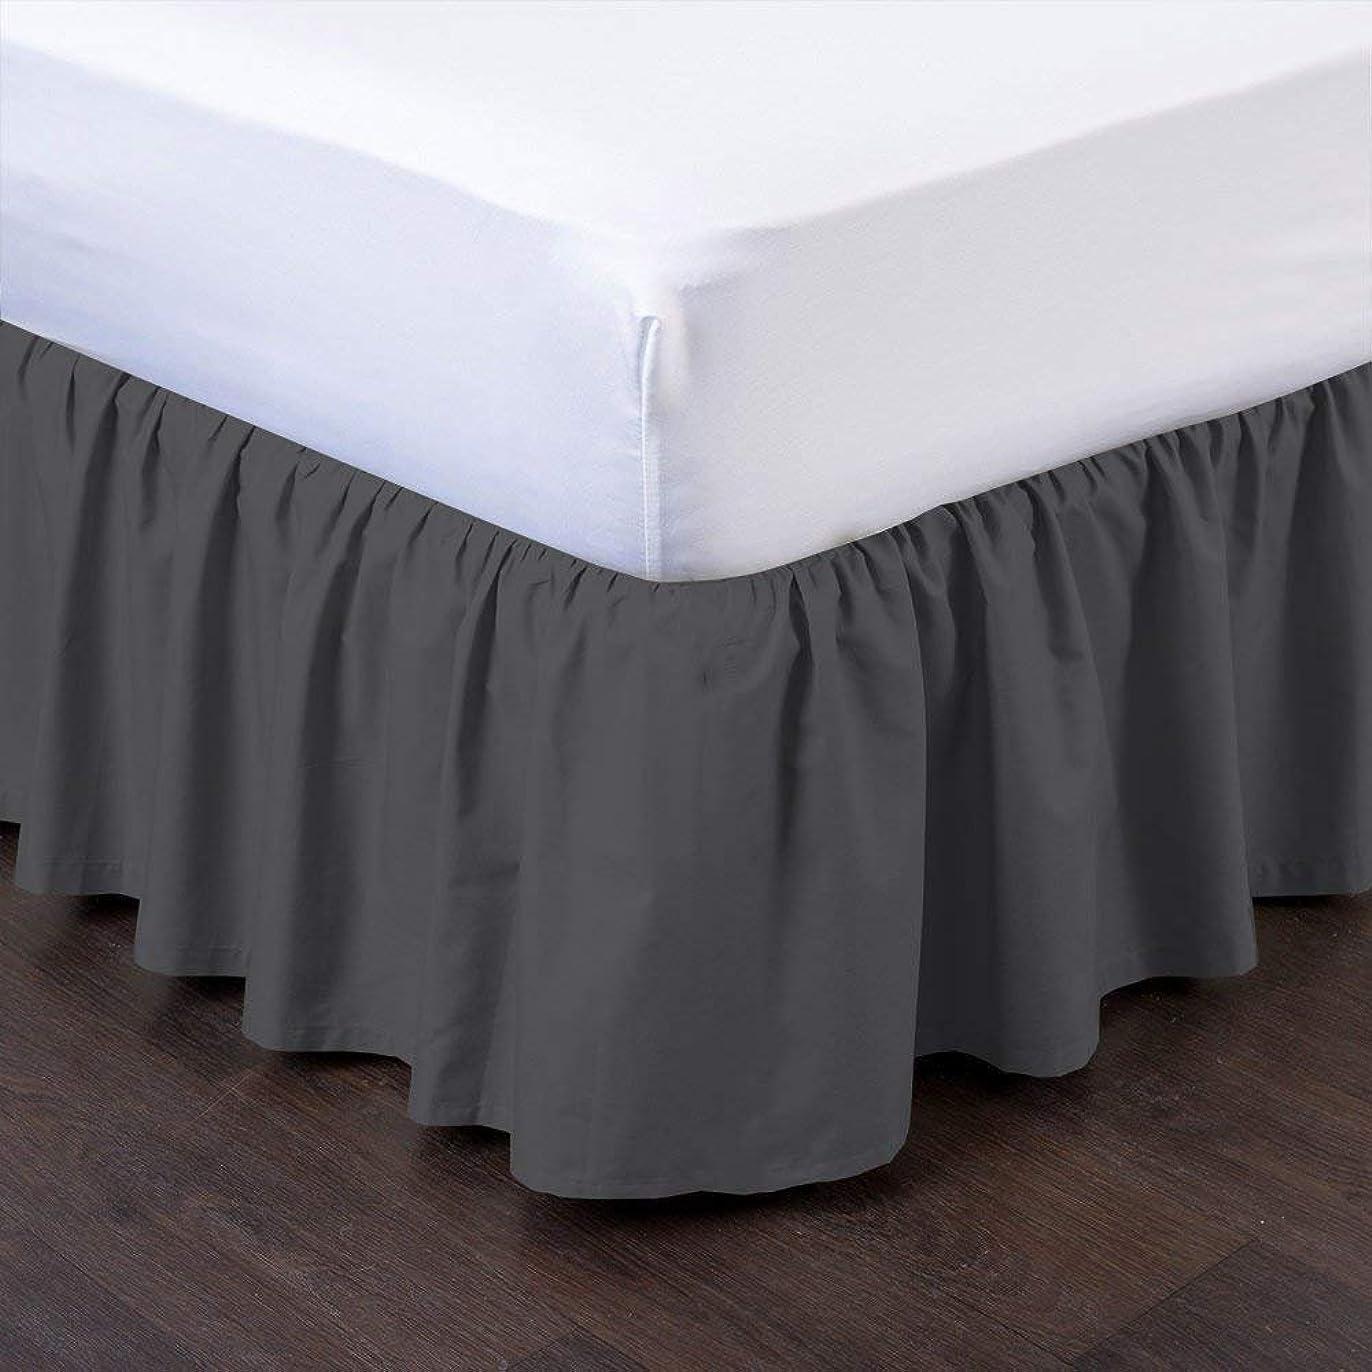 傷つきやすいパングローブUniwaresal コットンベッドスカート プラットフォーム14インチドロップダストフリル付き - ダブグレー